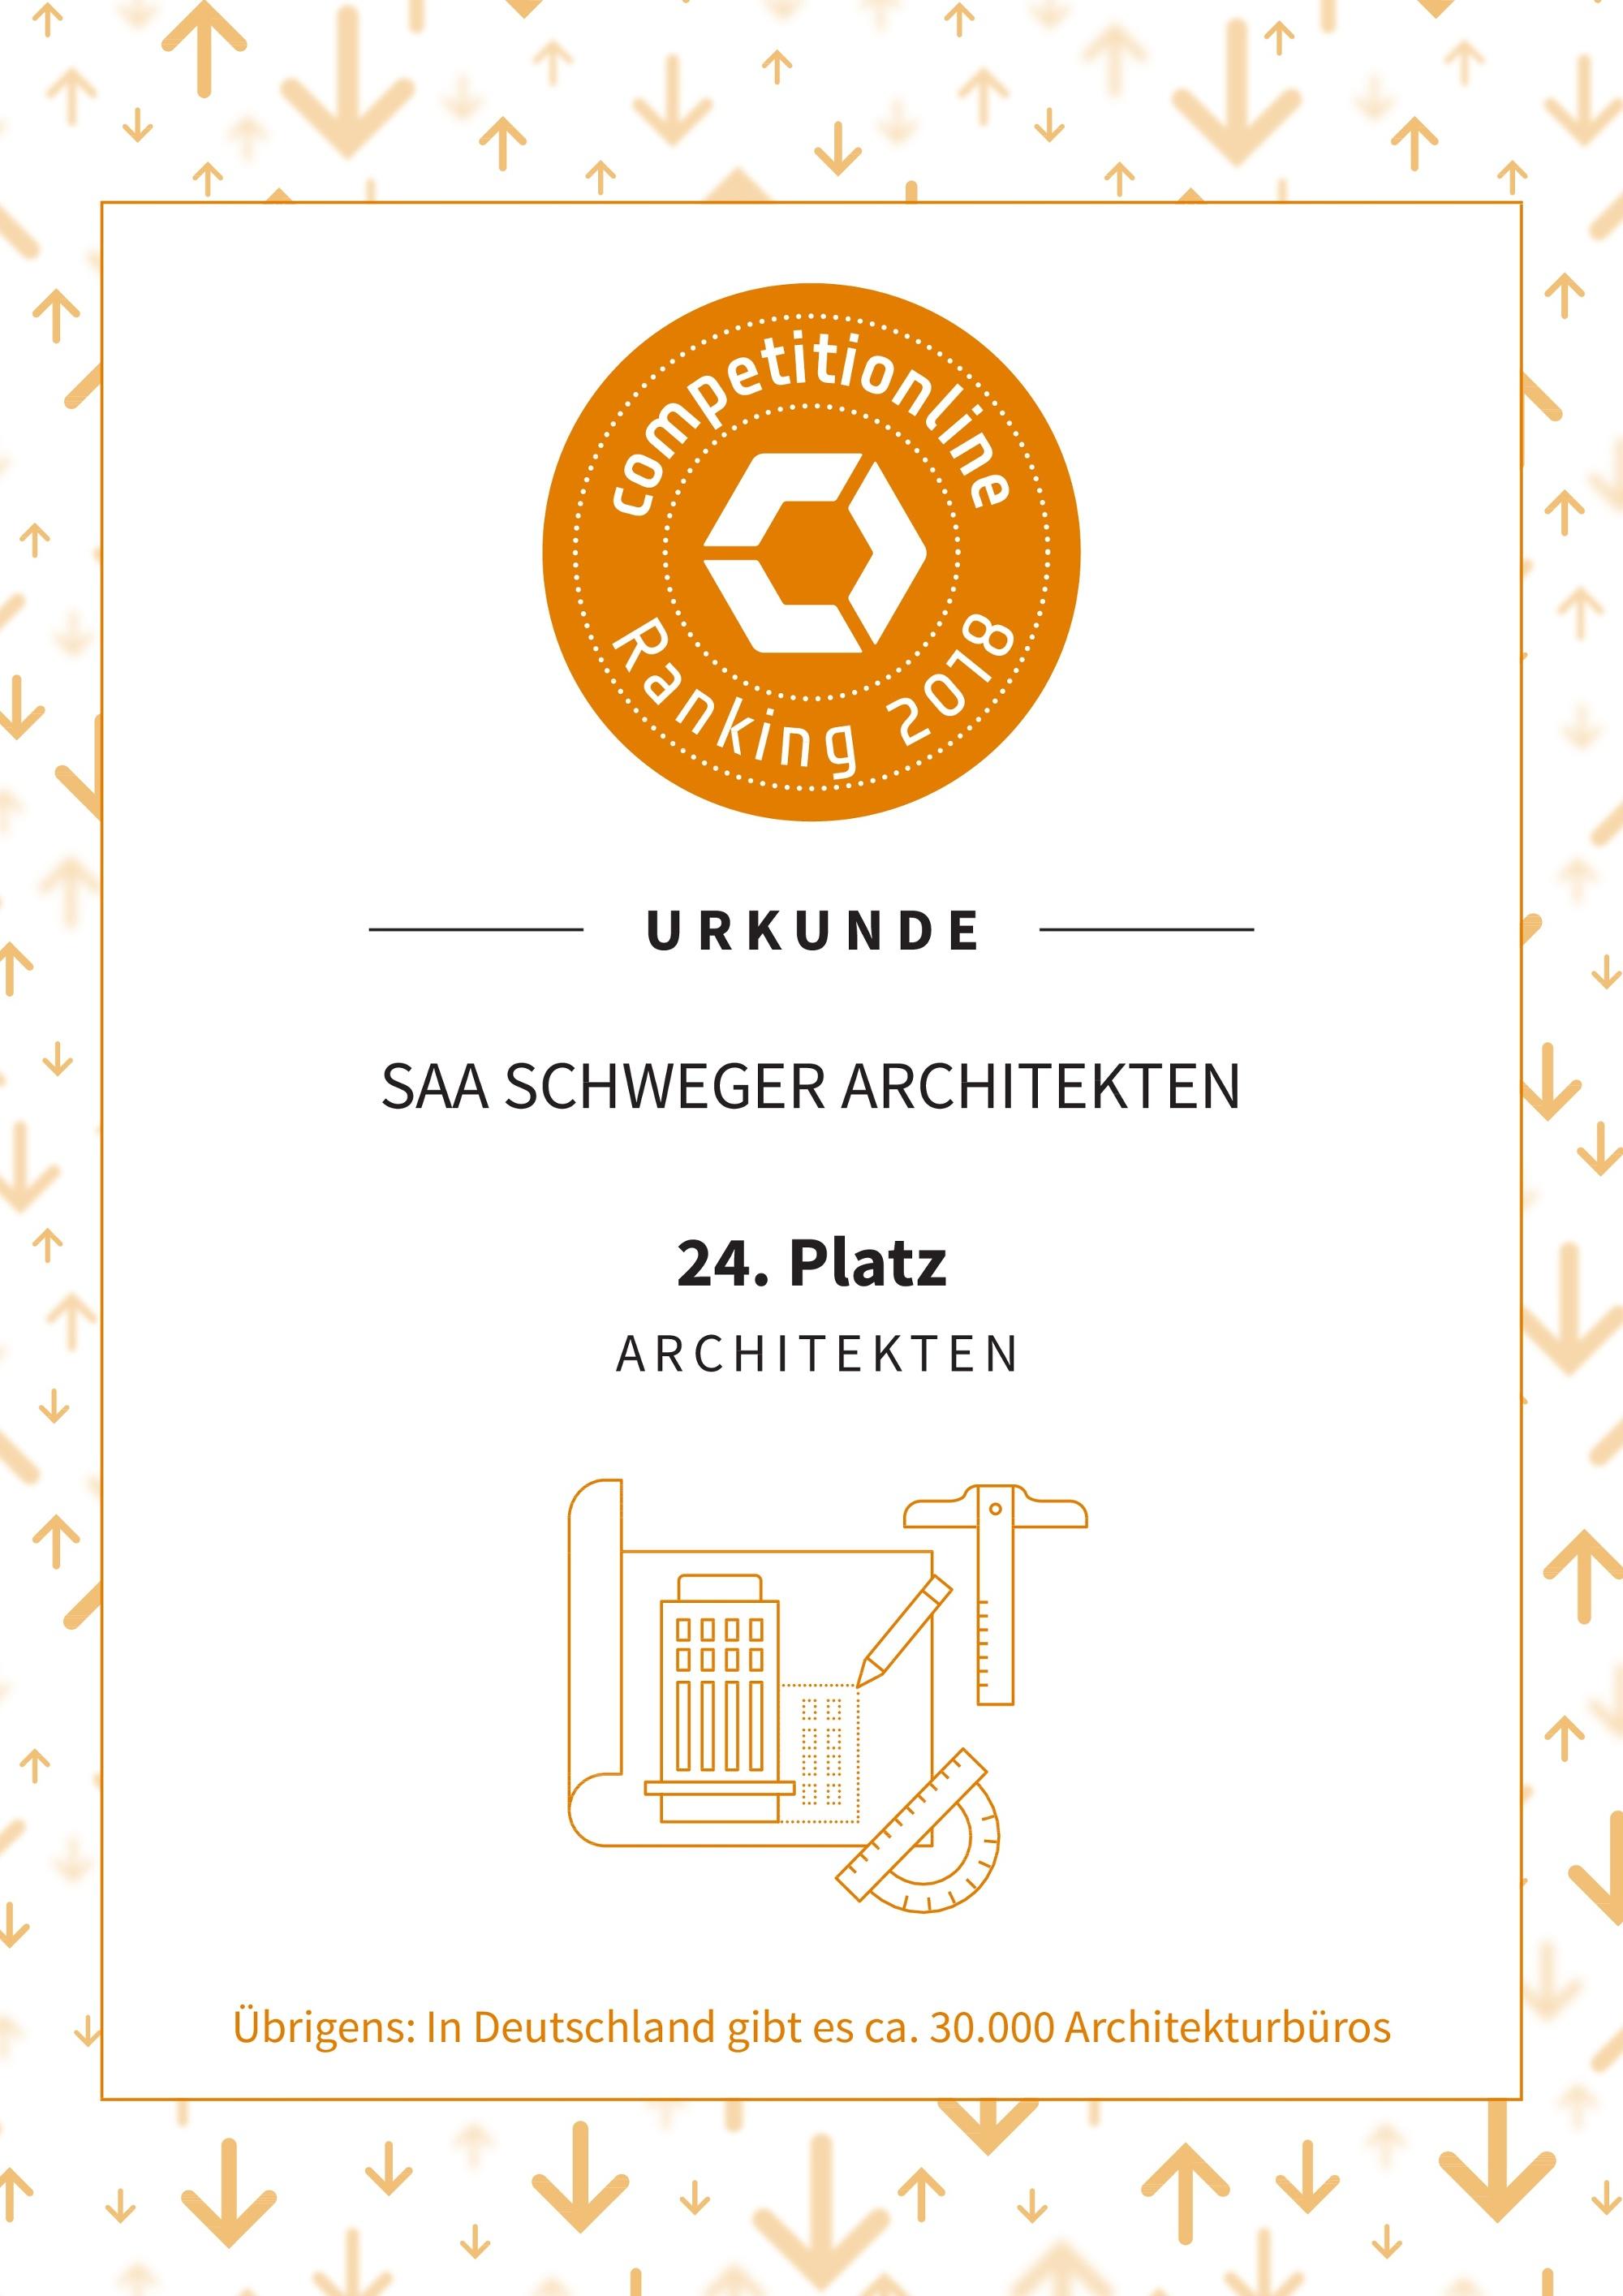 schweger architekten competitionline urkunde